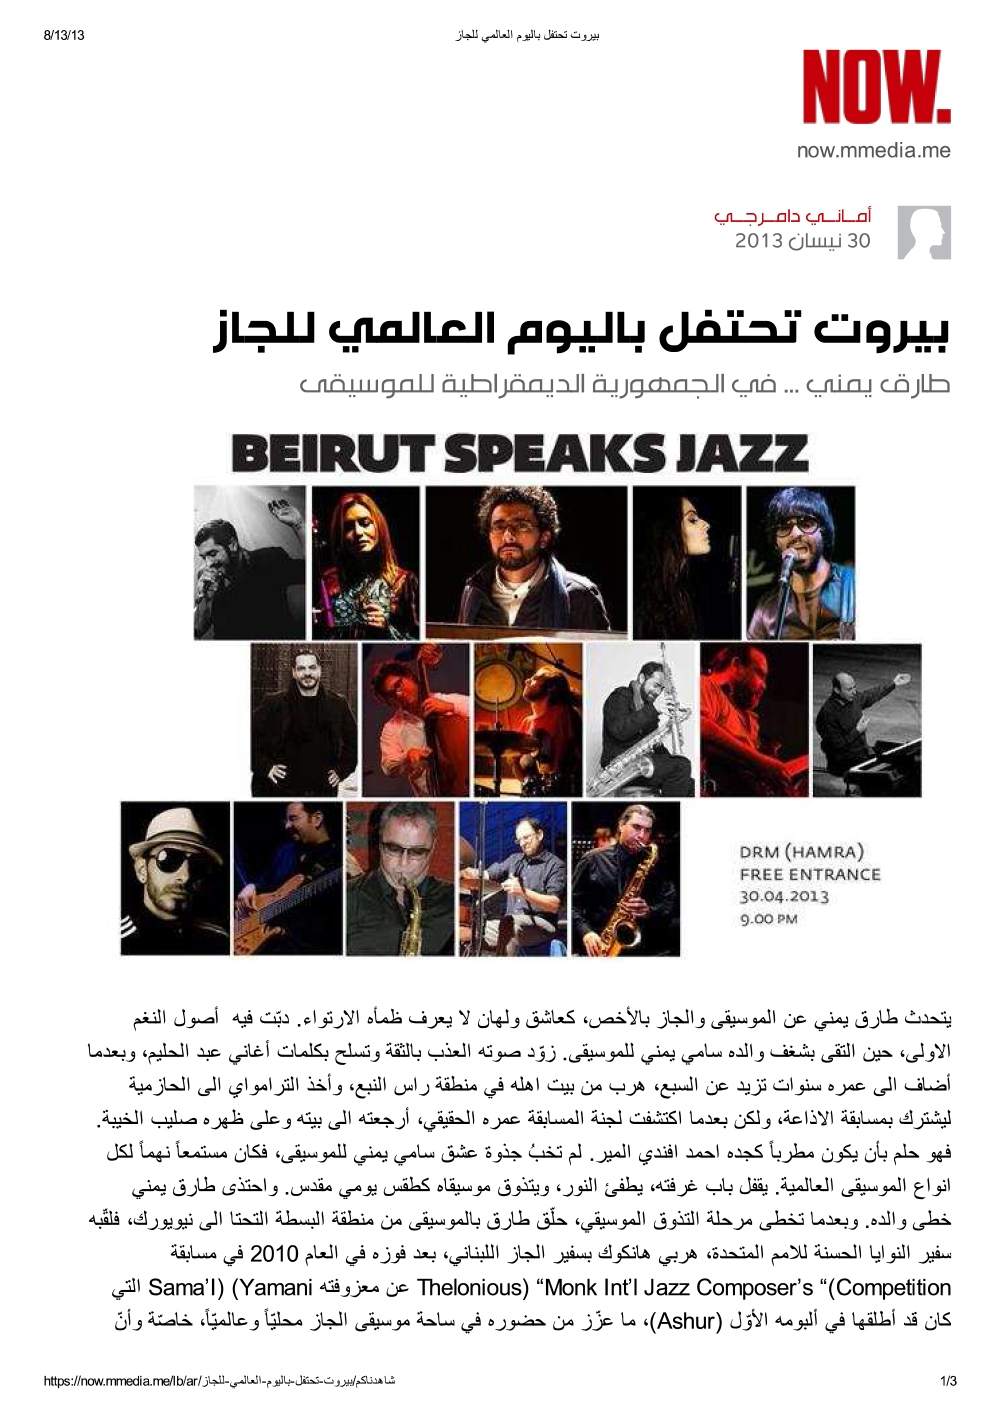 NOW Lebanon  / 30 Apr 2013 / Amani Damerji -  بيروت تحتفل باليوم العالمي للجاز